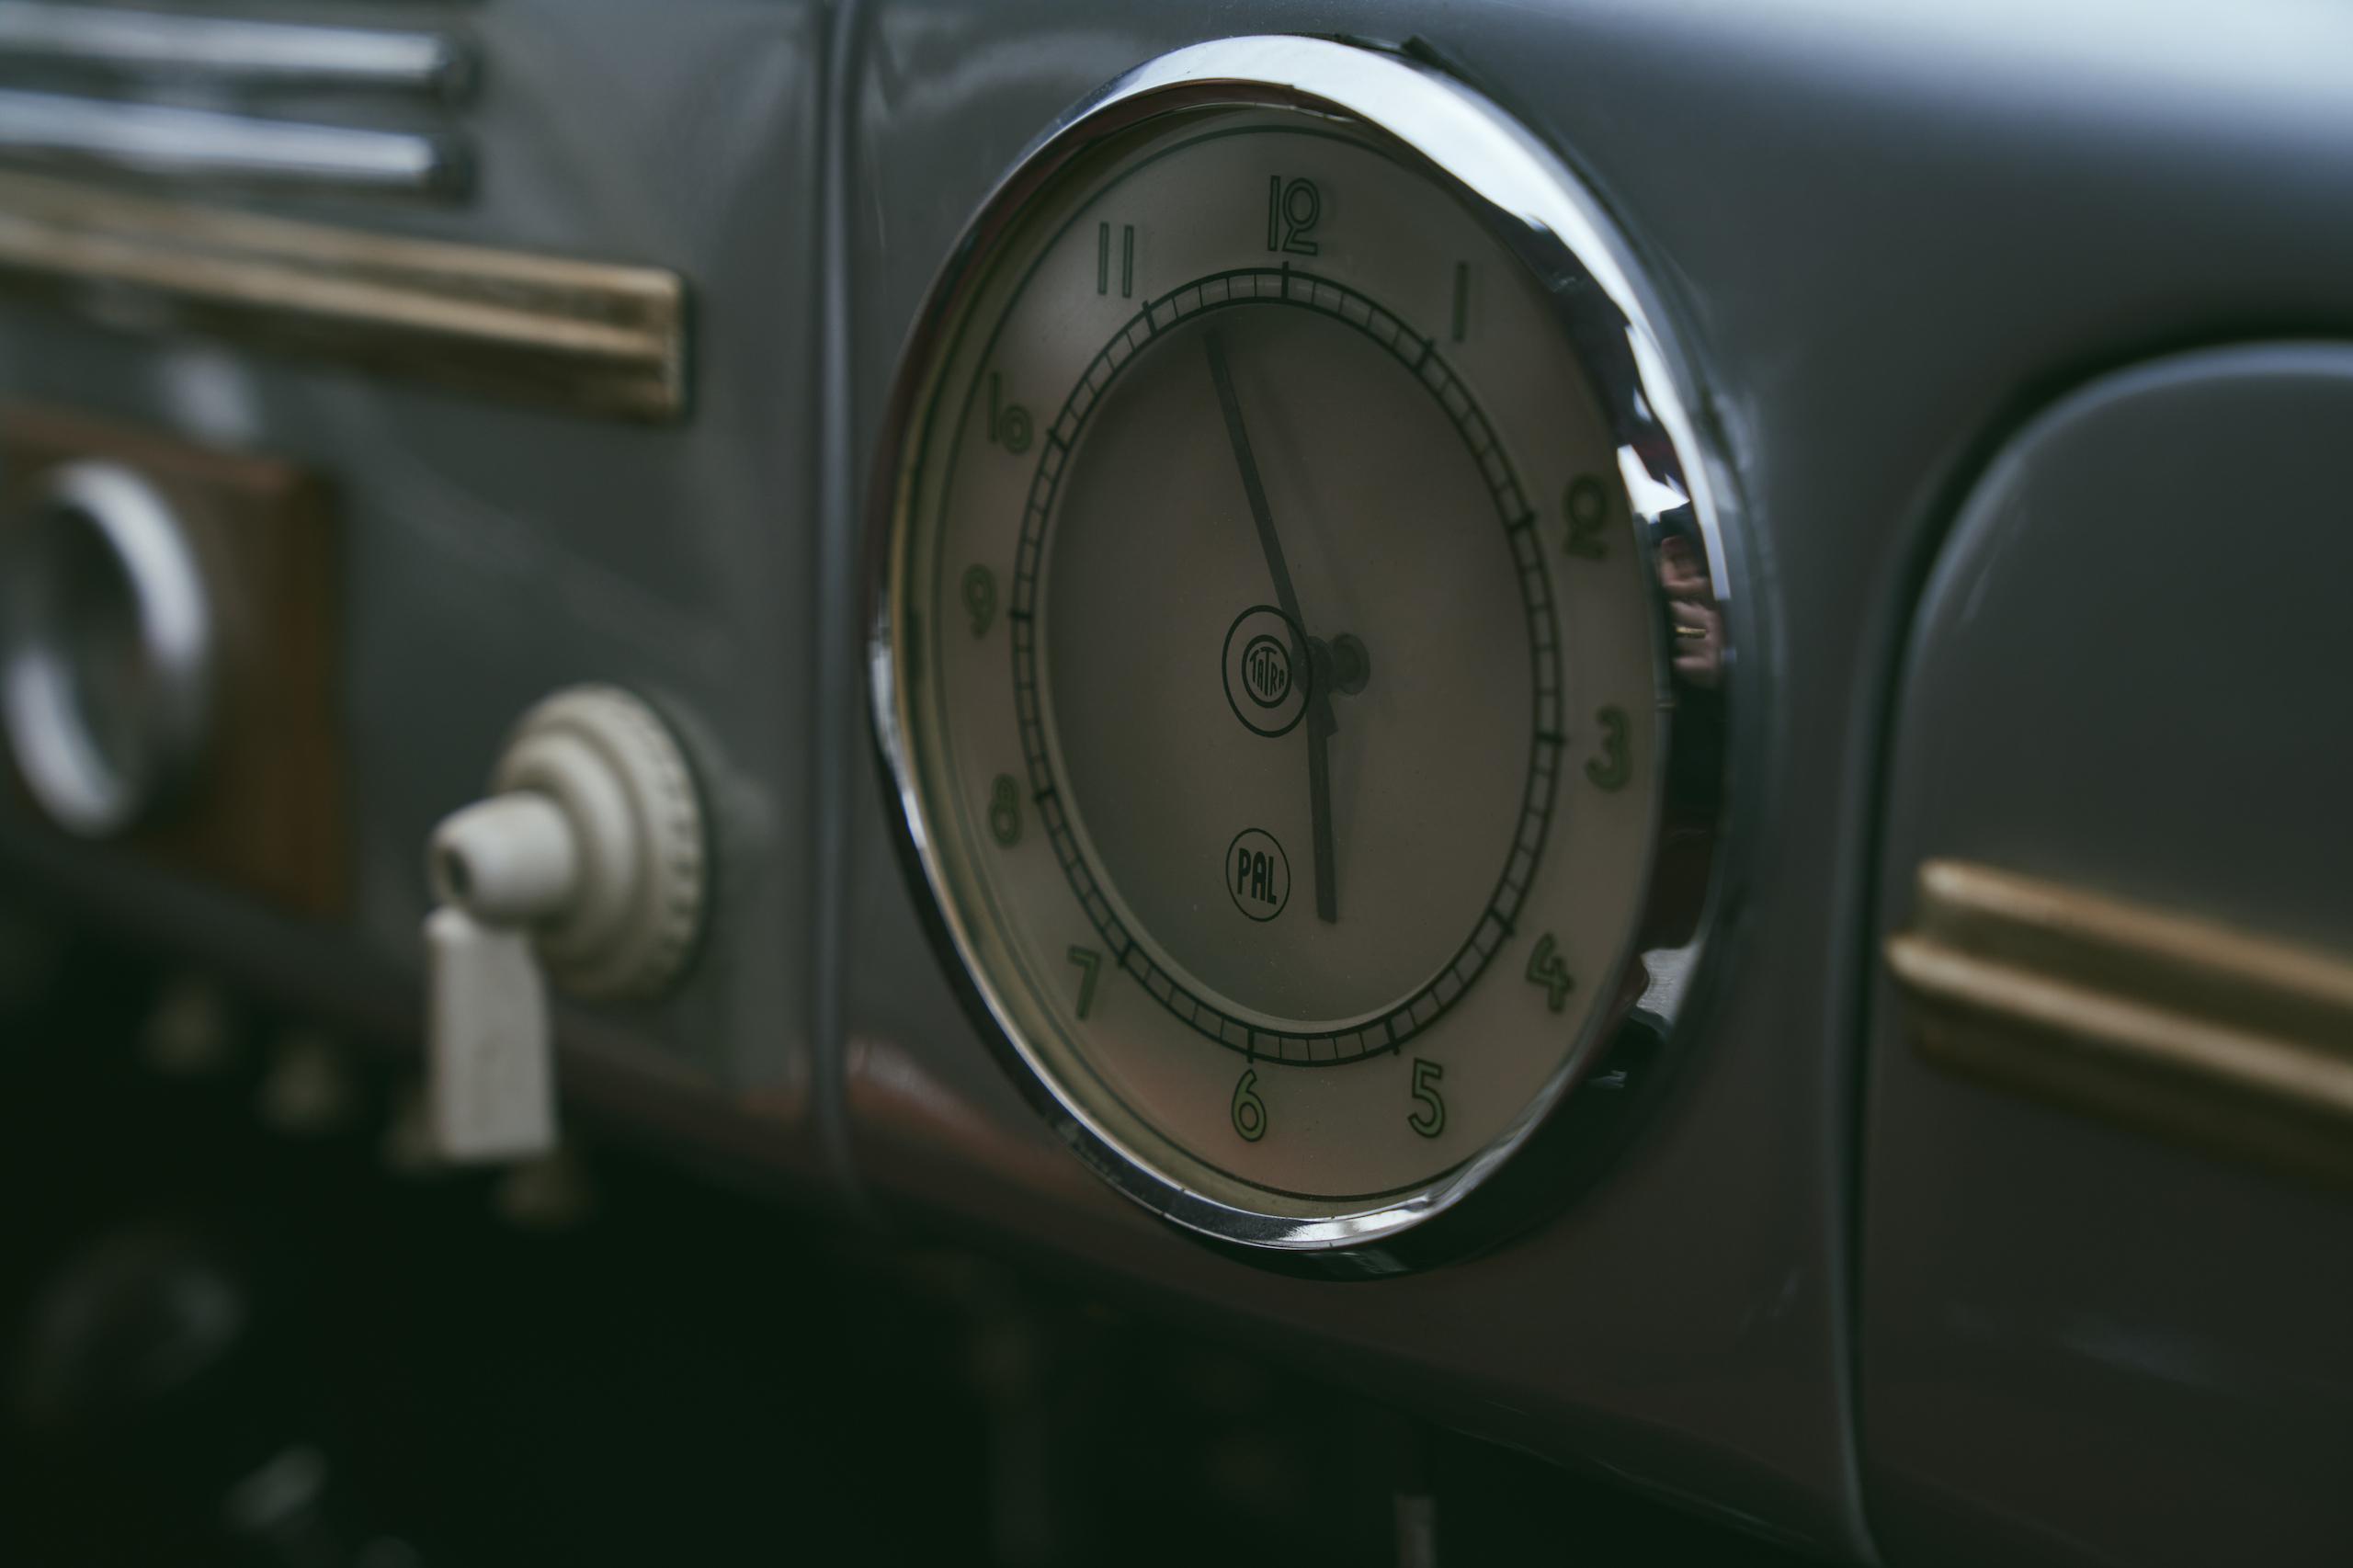 1947 Tatra T87 clock